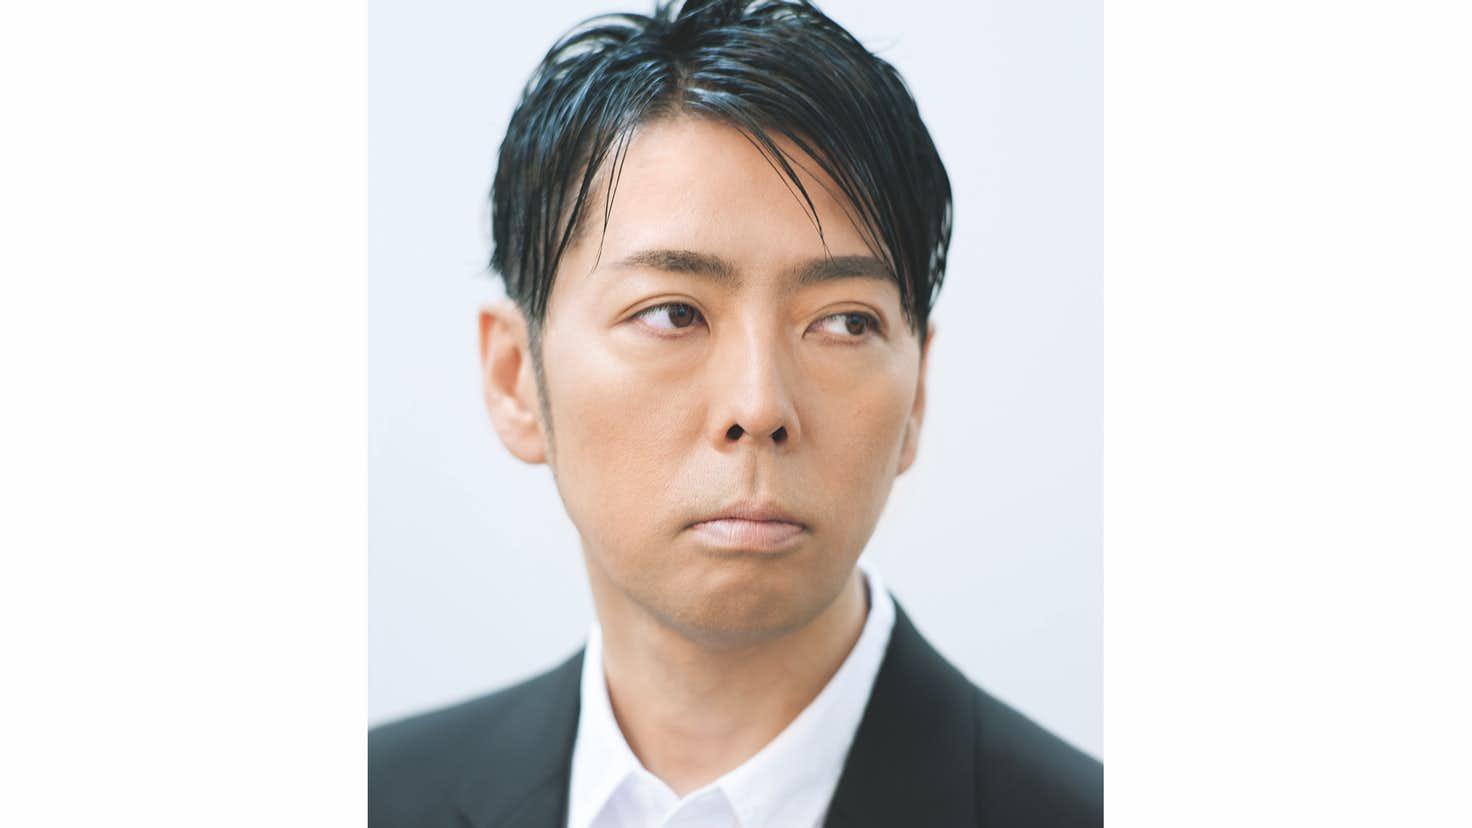 佐藤可士和,SAMURAI,経歴,年収,結婚,wiki,プロフィール